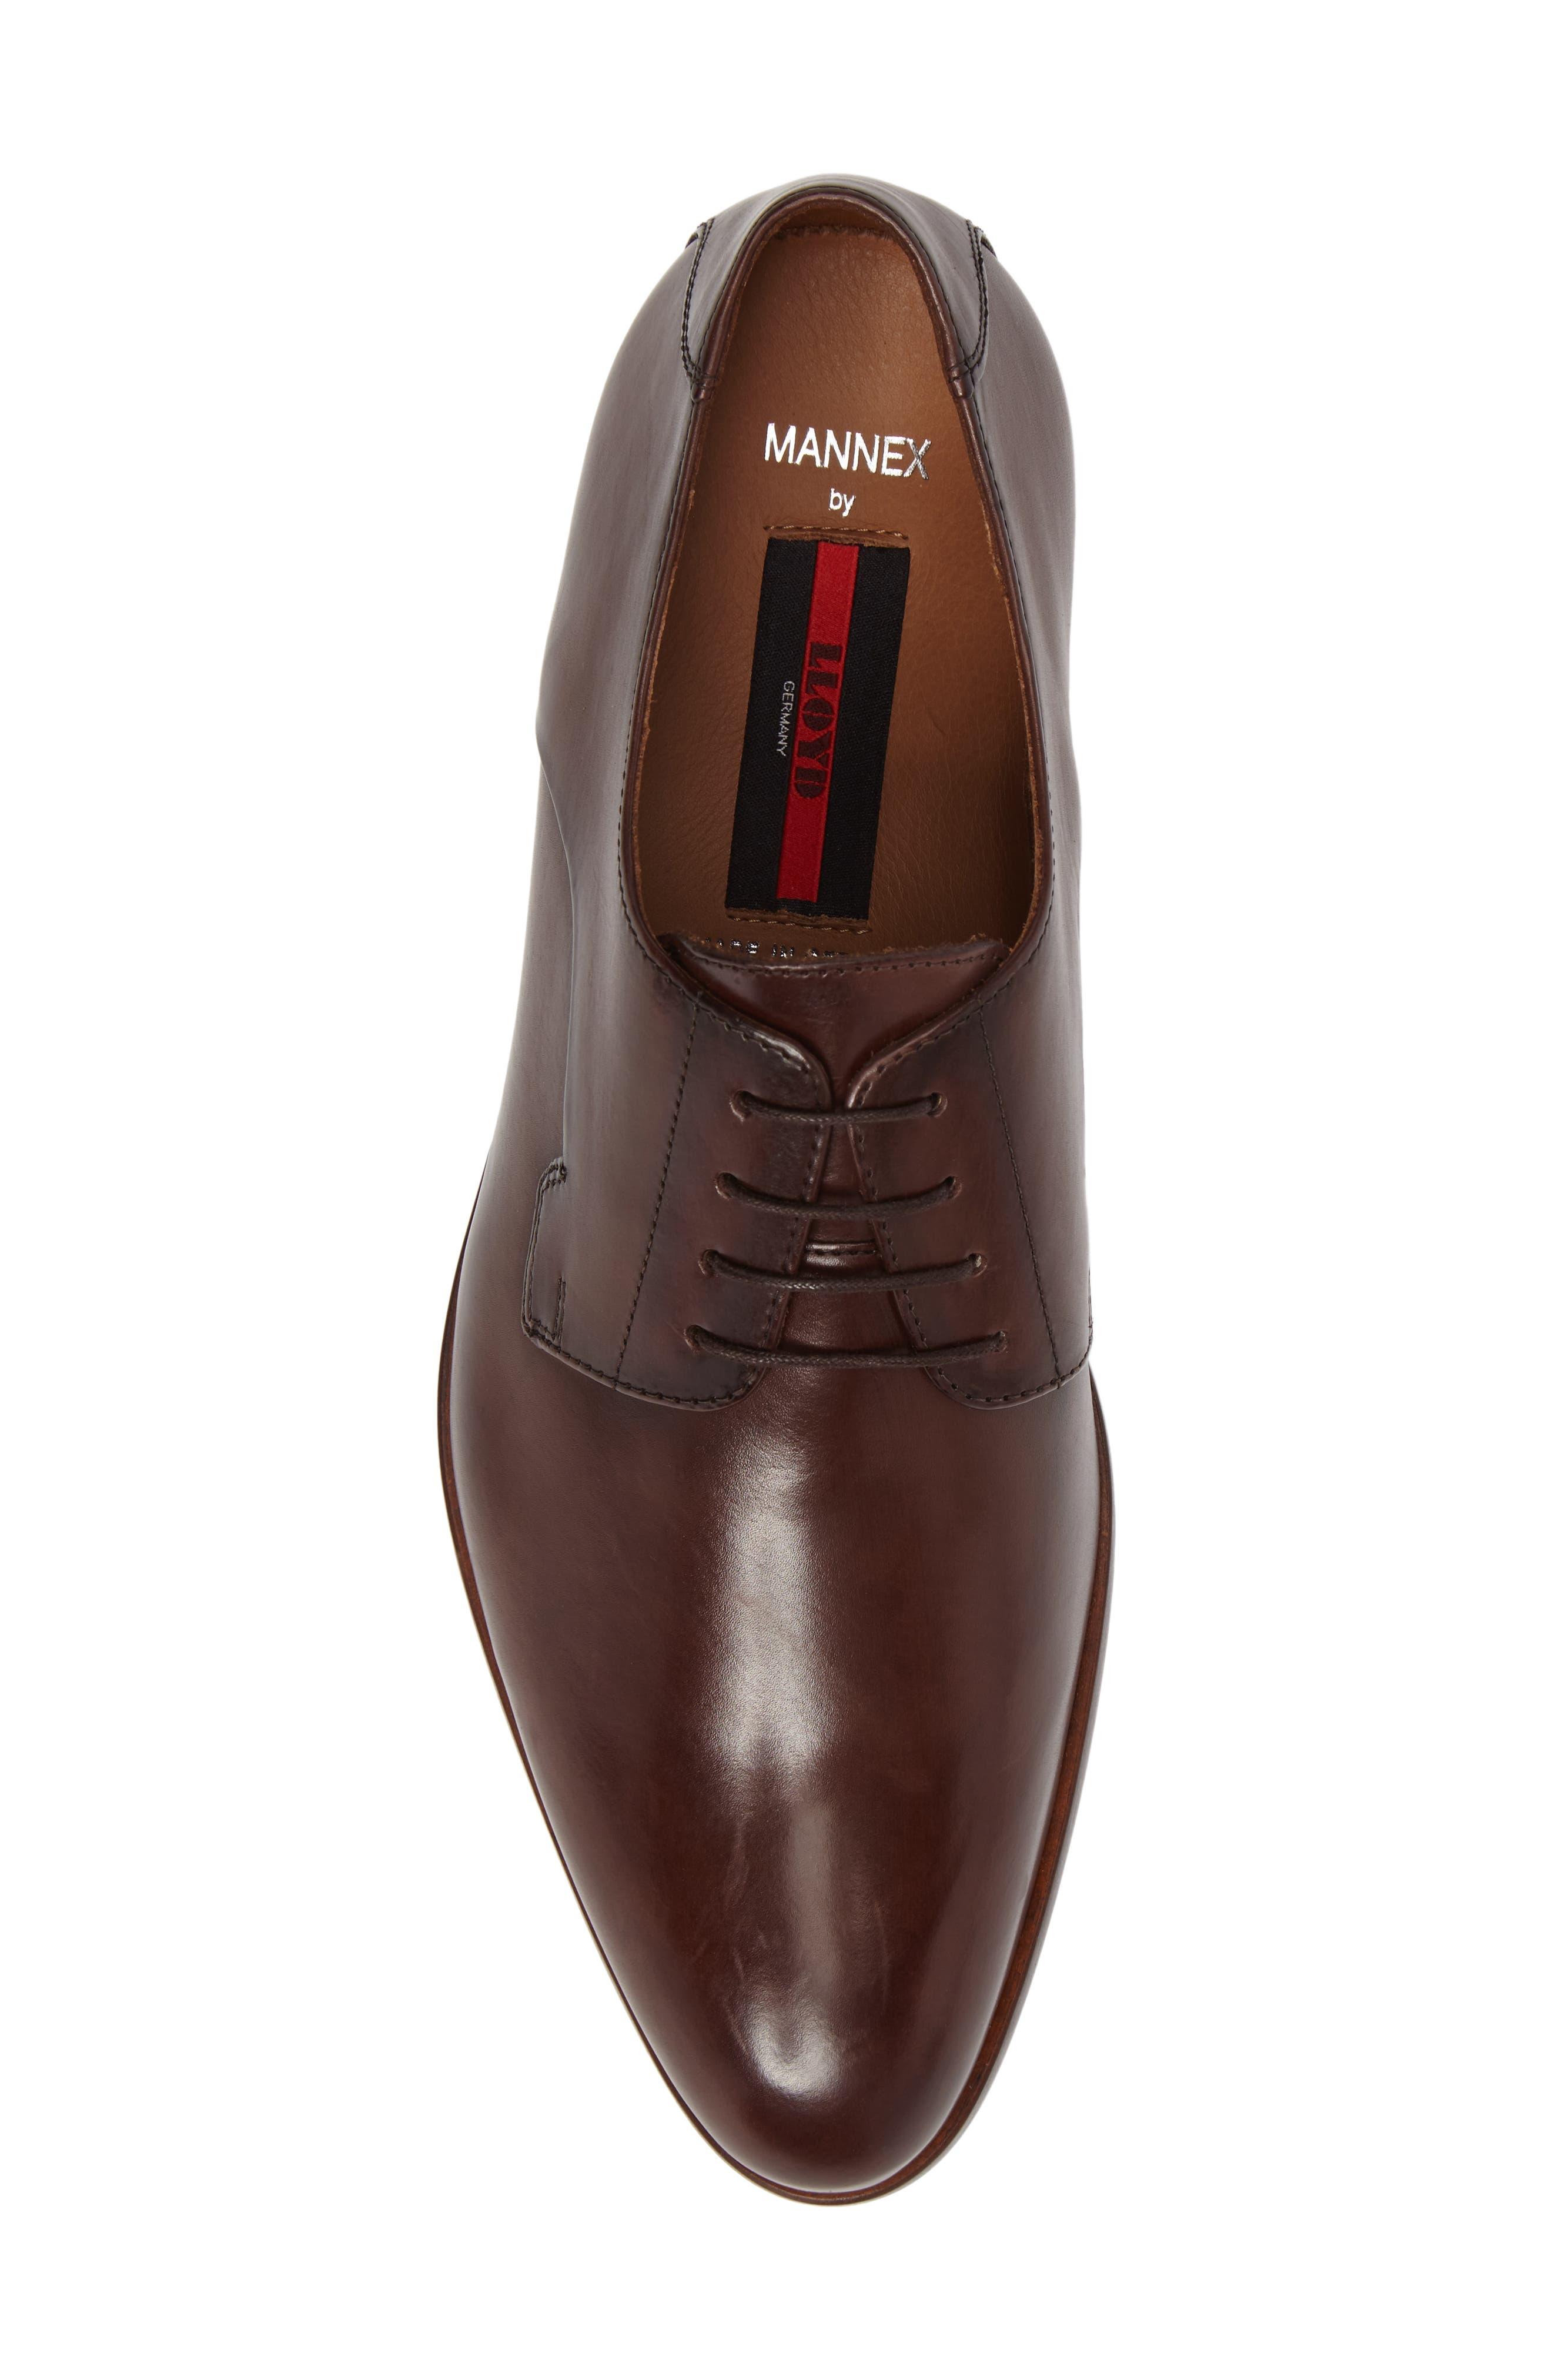 Mannex Plain Toe Derby,                             Alternate thumbnail 5, color,                             T.D.Moro Leather